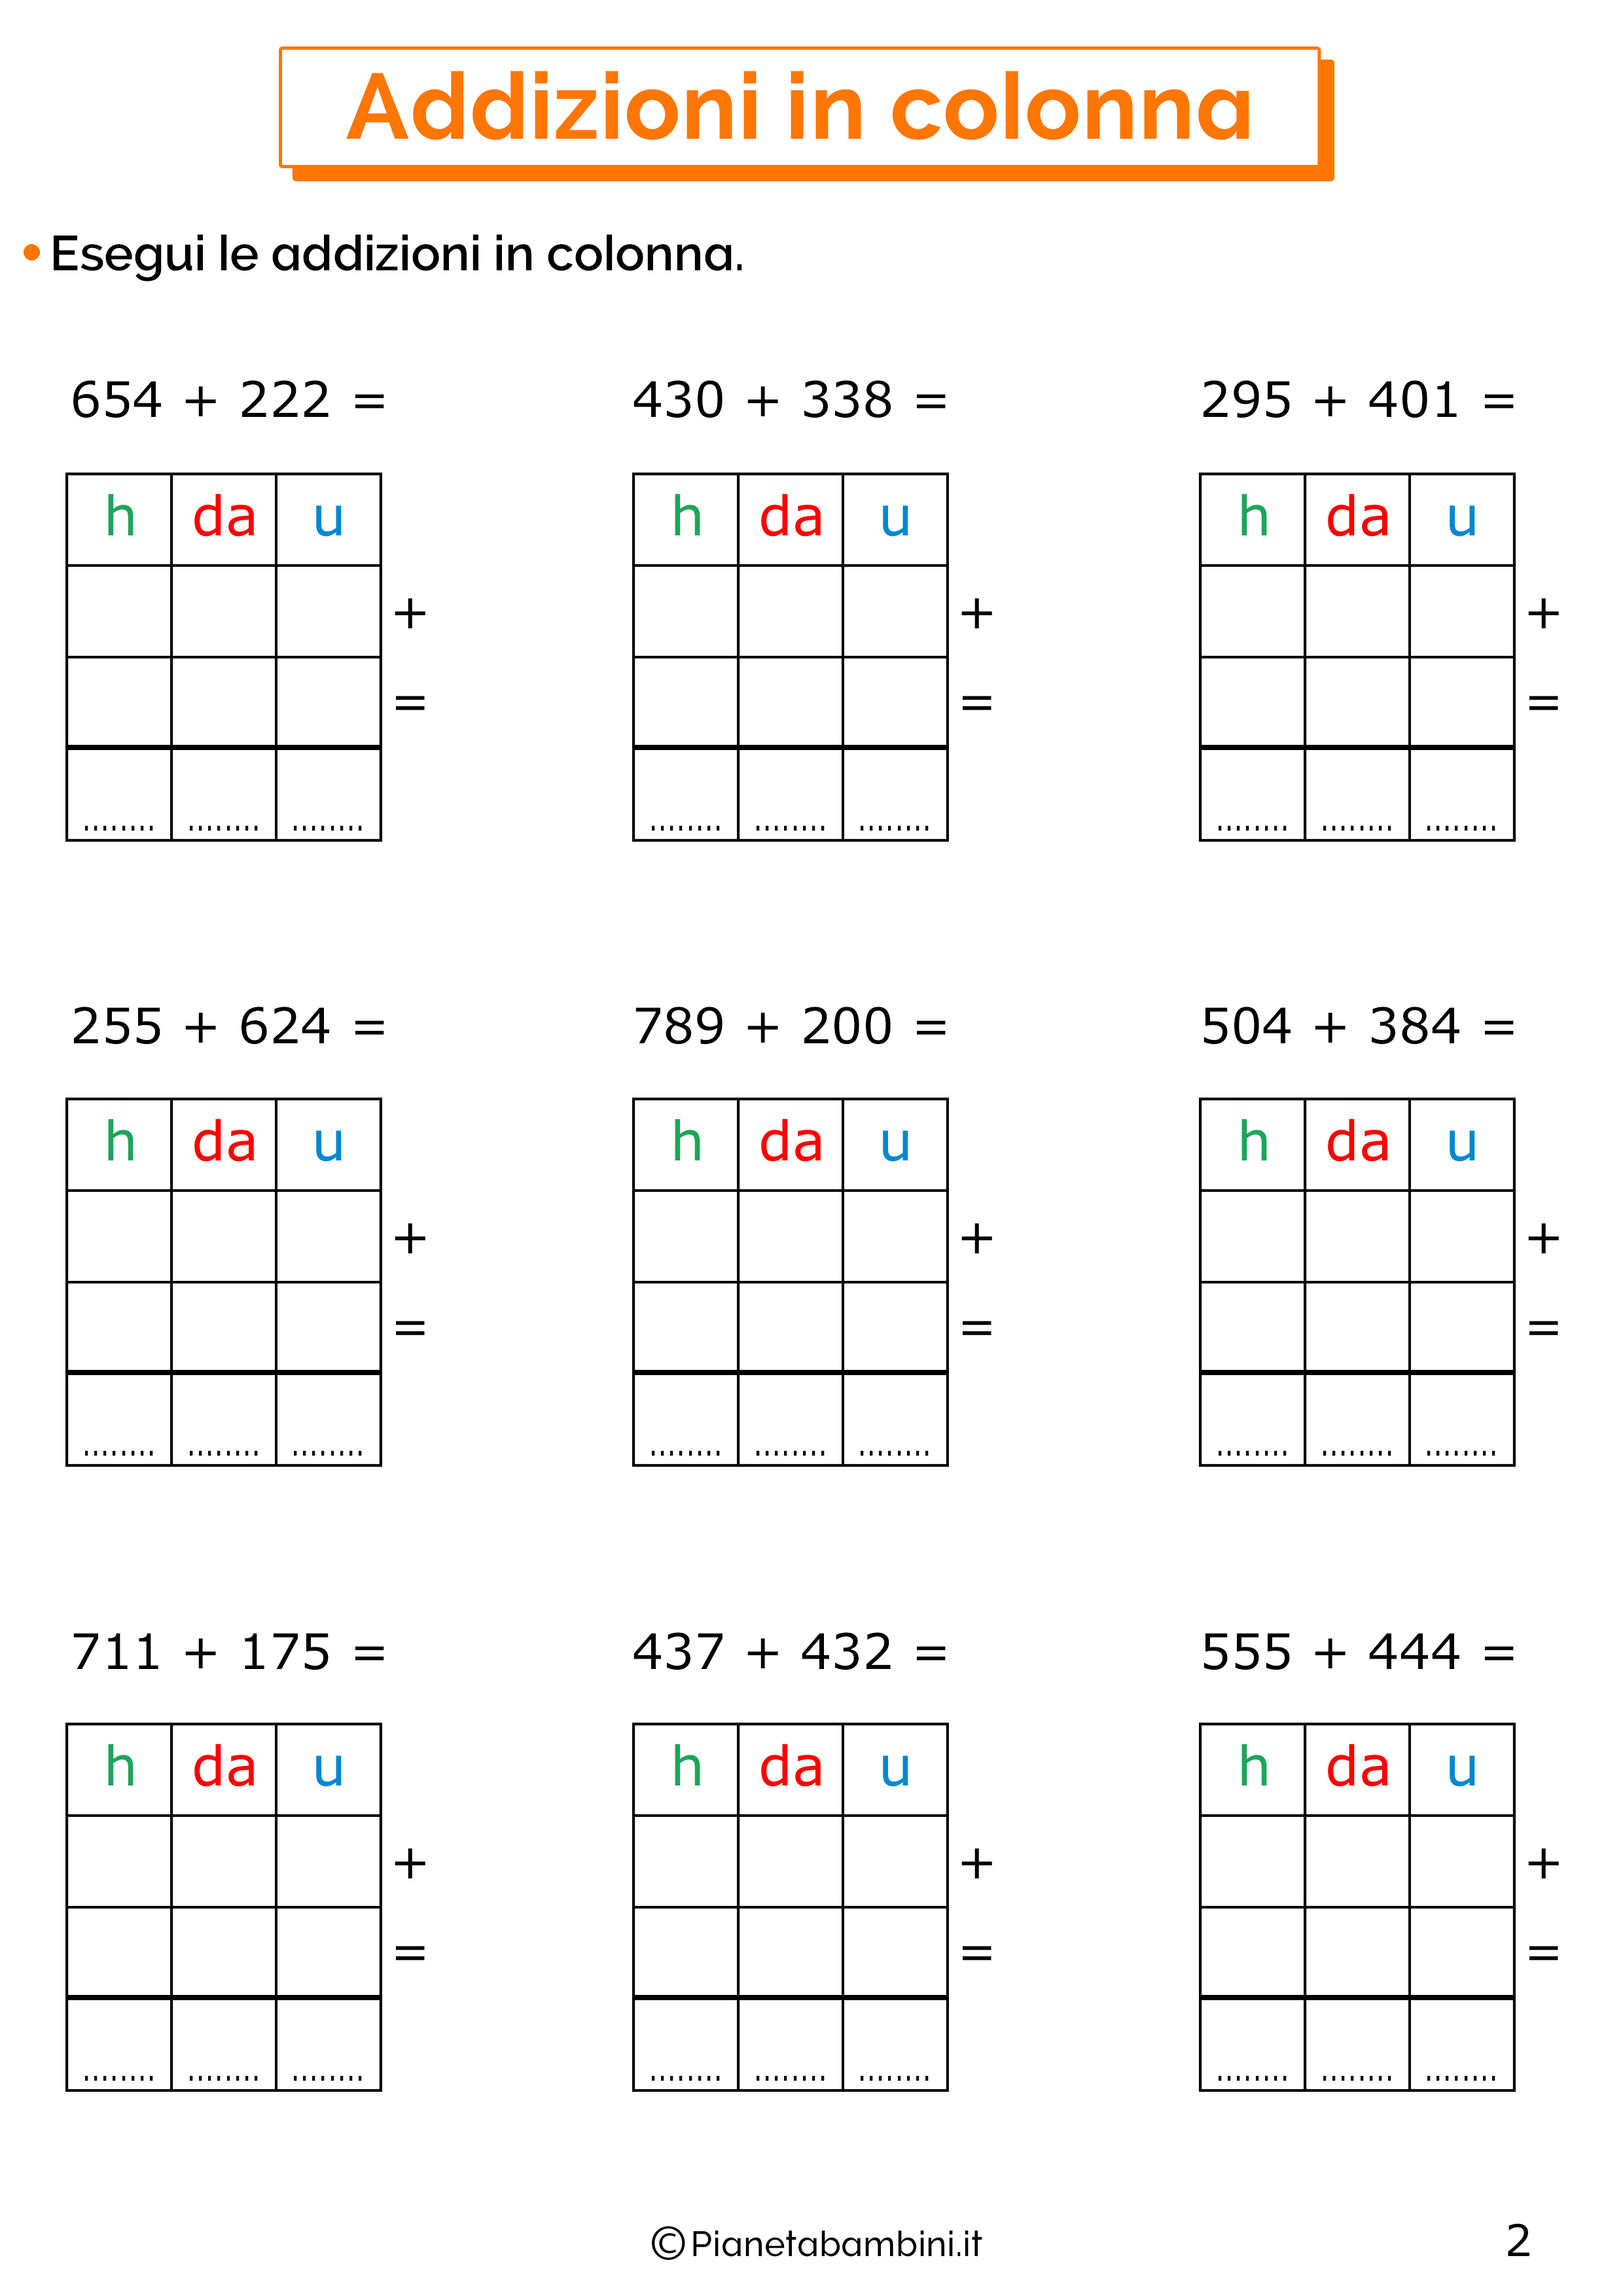 Addizioni in colonna a tre cifre senza cambio per la classe terza 2